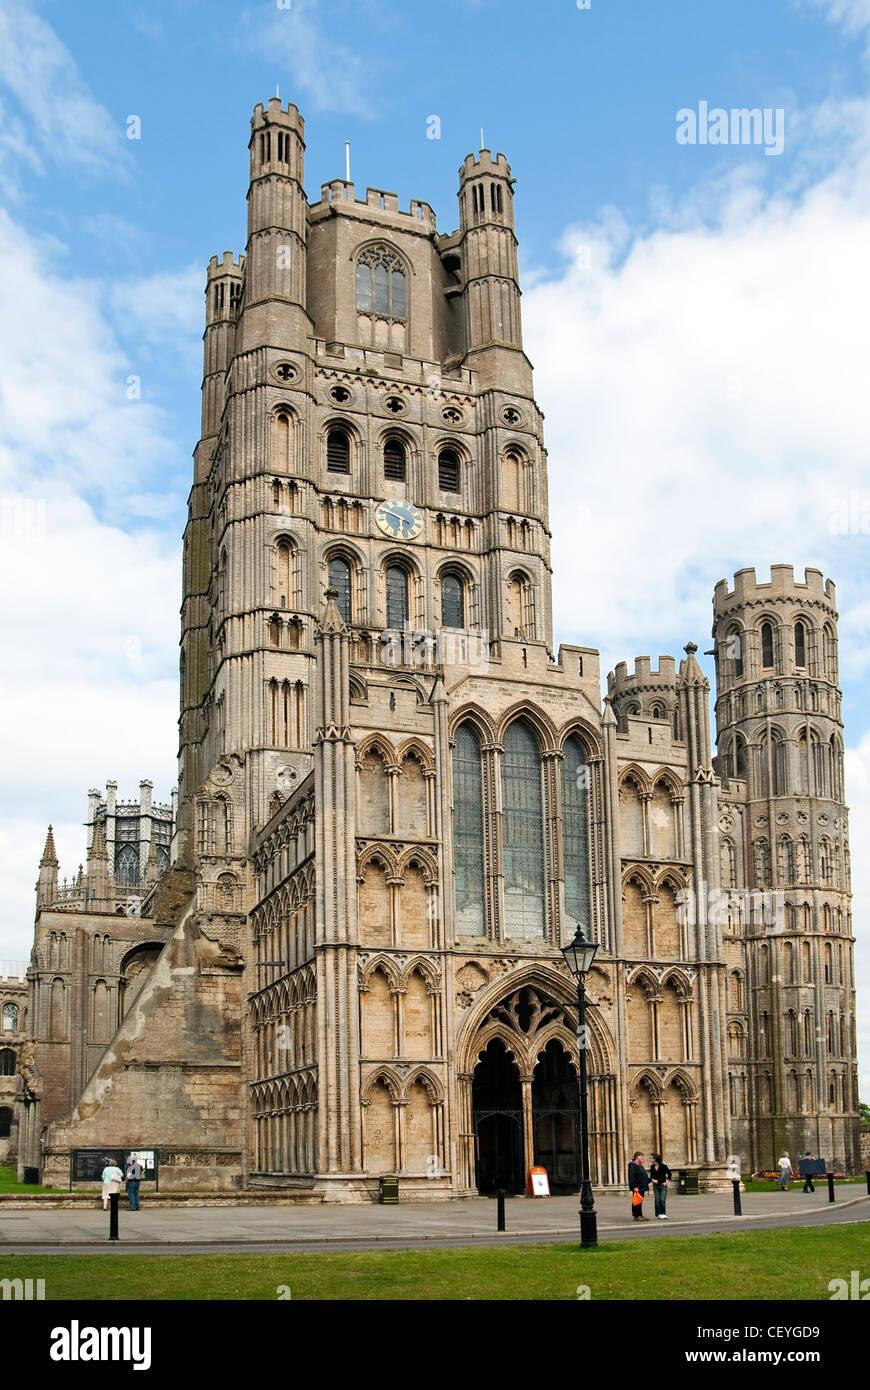 """Kathedrale-Kirche des Heiligen und ungeteilten Dreifaltigkeit in Ely, bekannt als das """"Schiff der Fens"""". Stockbild"""